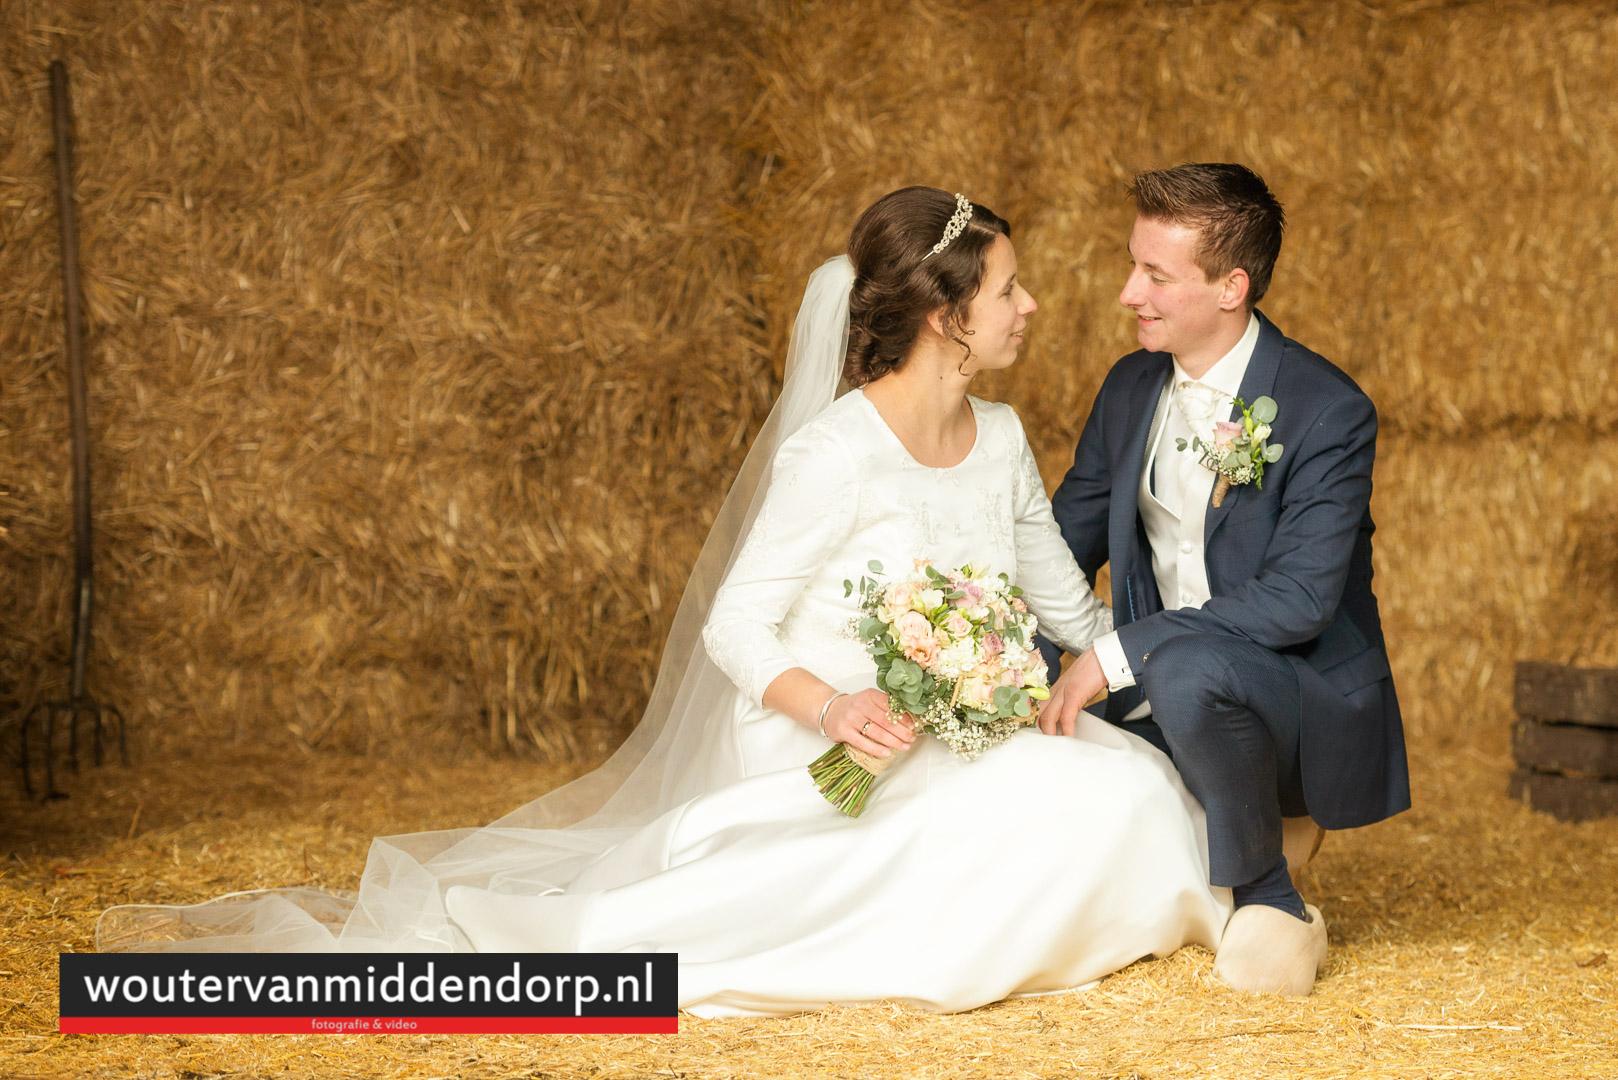 foto Wouter van Middendorp Uddel, Veluwe, Gelderland, trouwfotograaf (19)